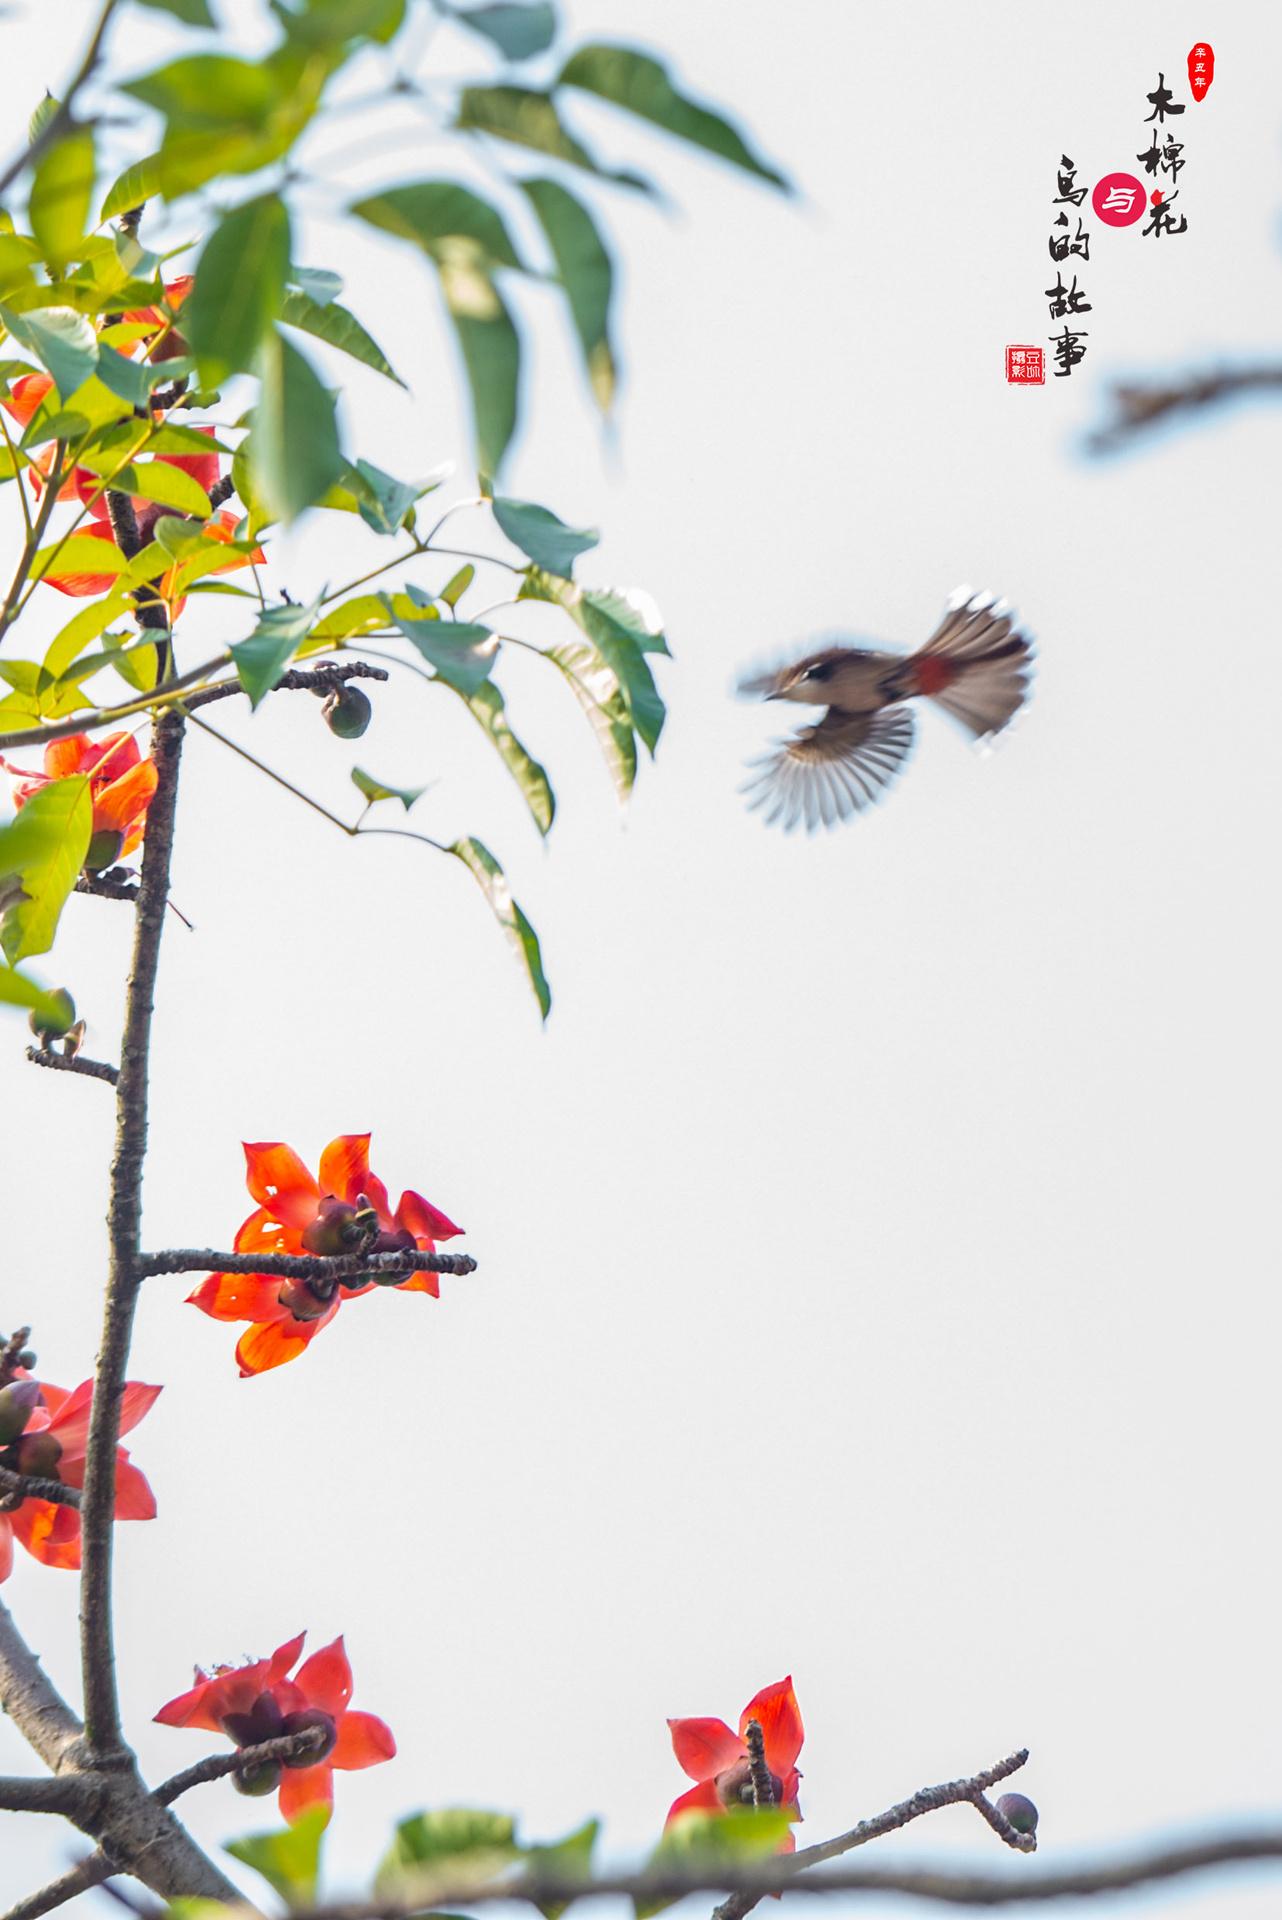 木棉花与鸟的故事26.jpg